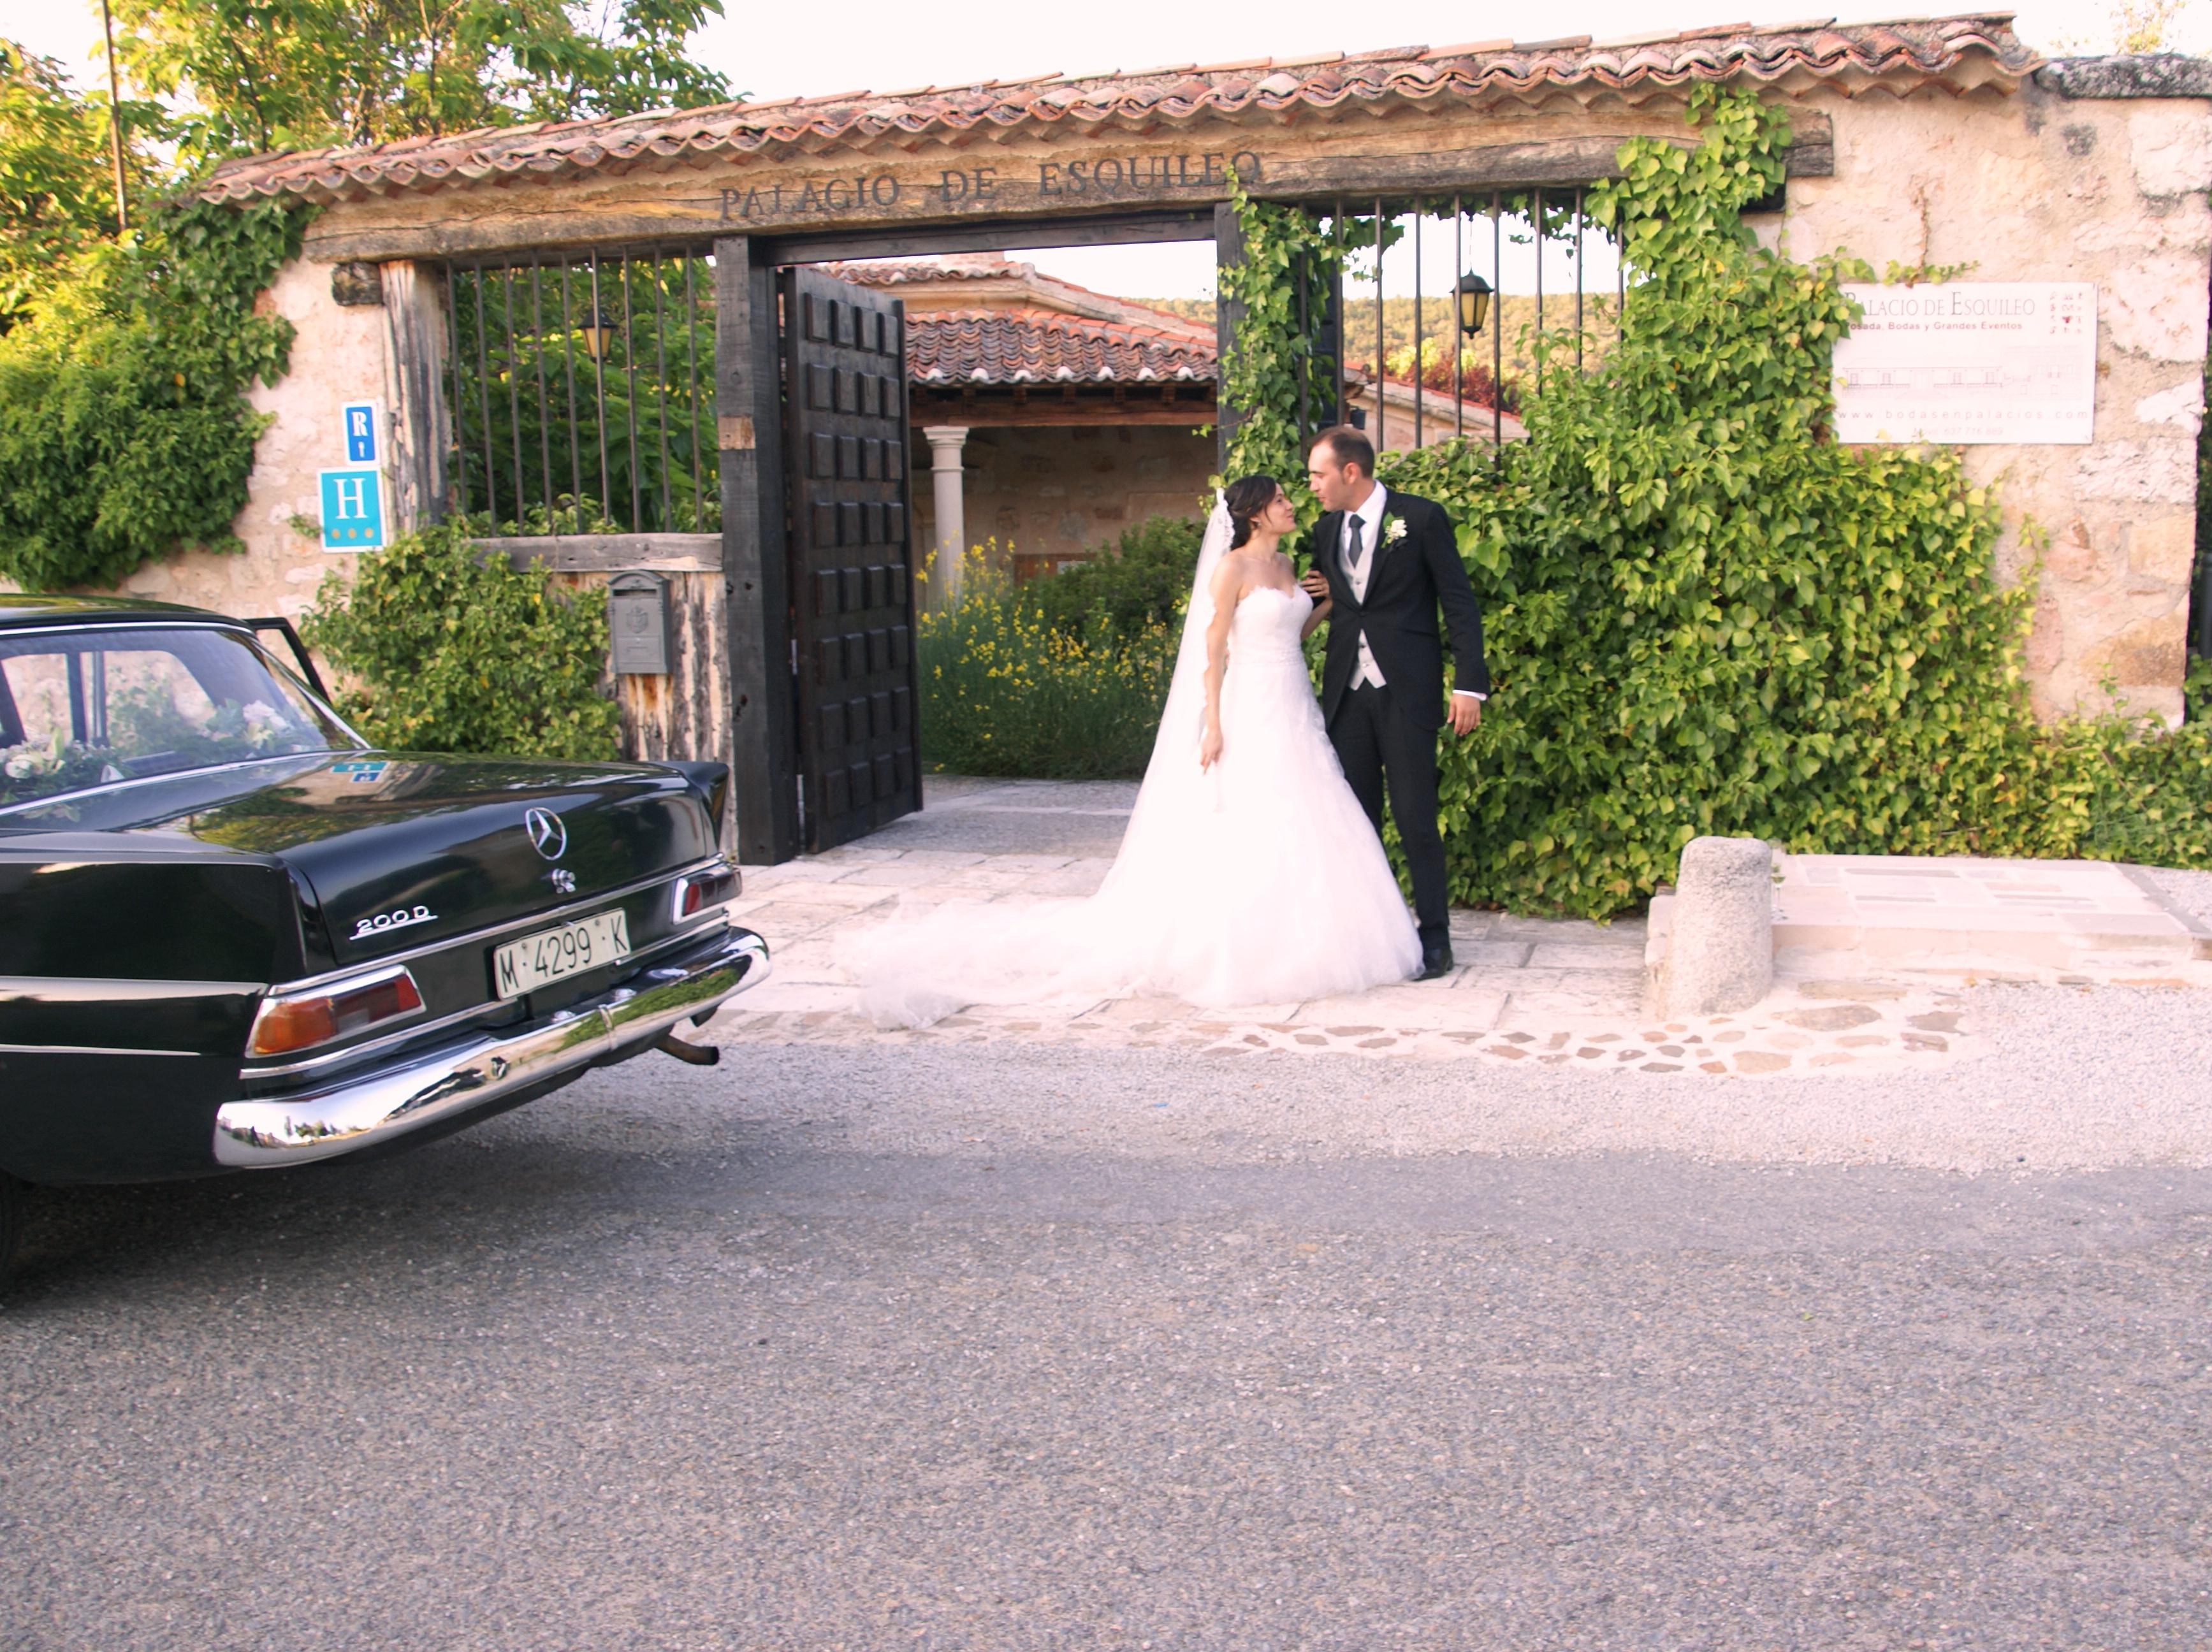 Finca de bodas Segovia